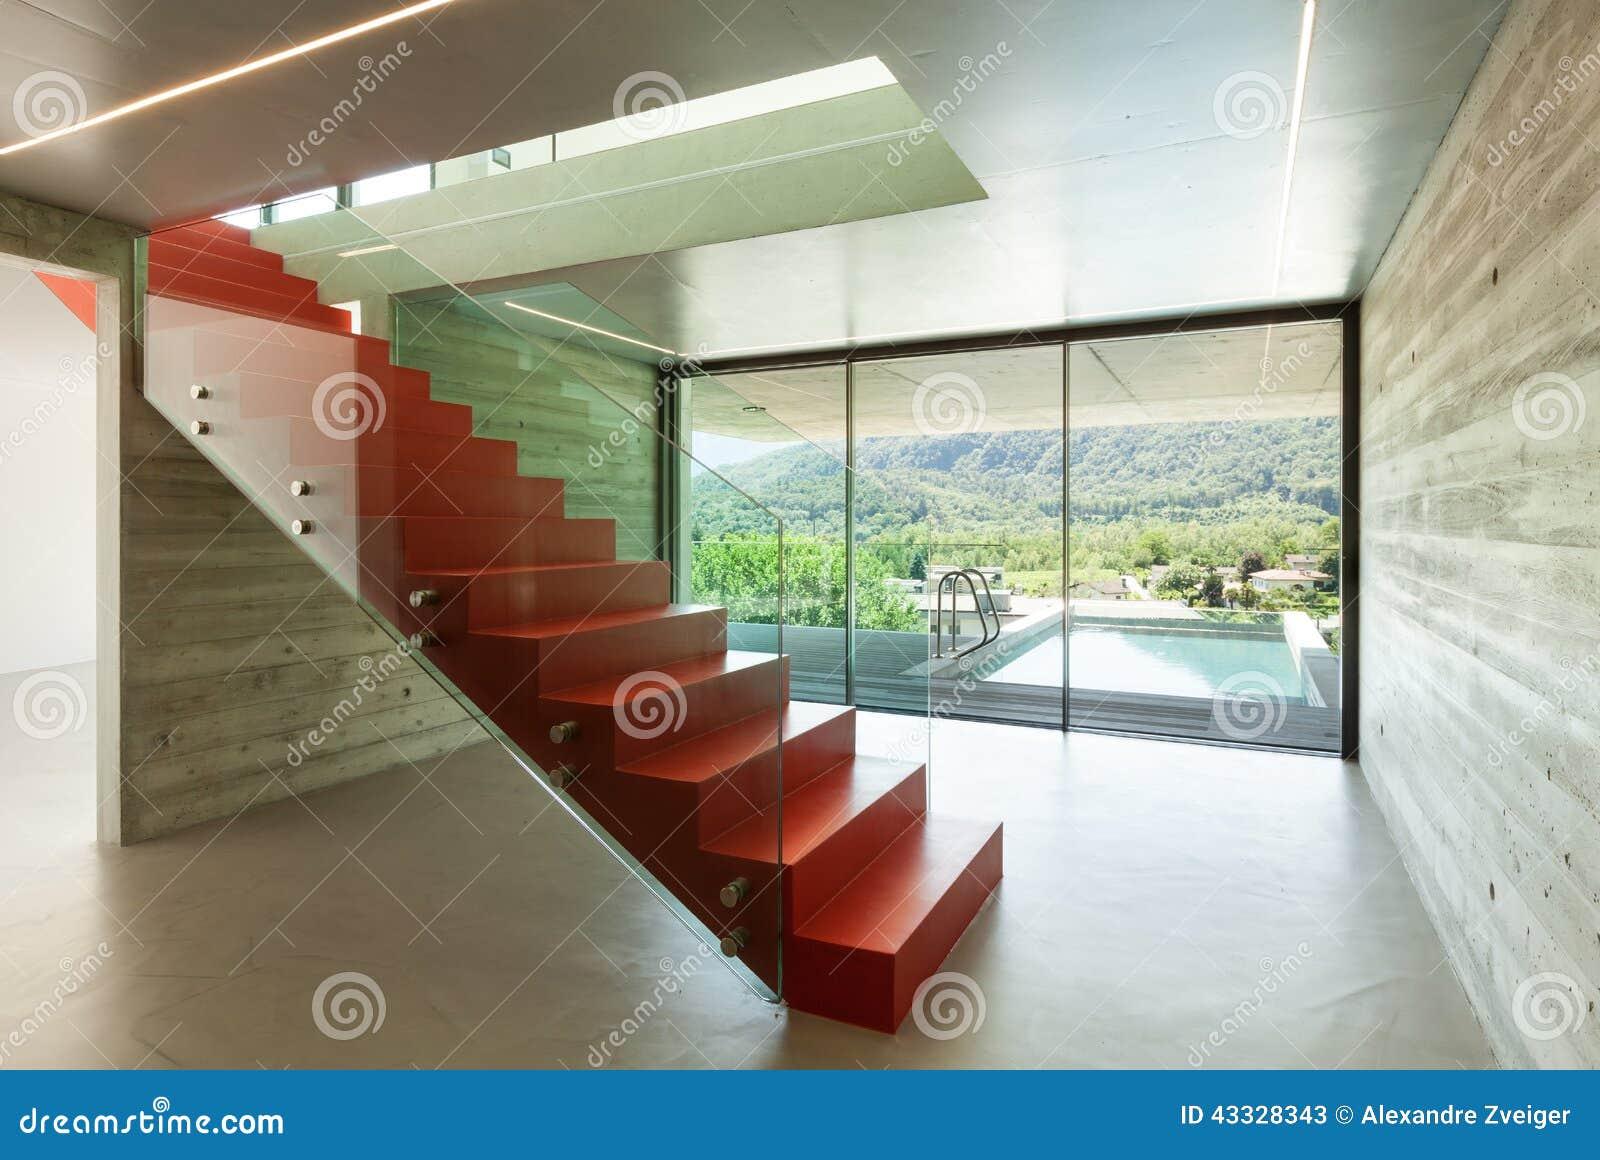 Scala interna e rossa immagine stock immagine di - Scala interna prezzi ...